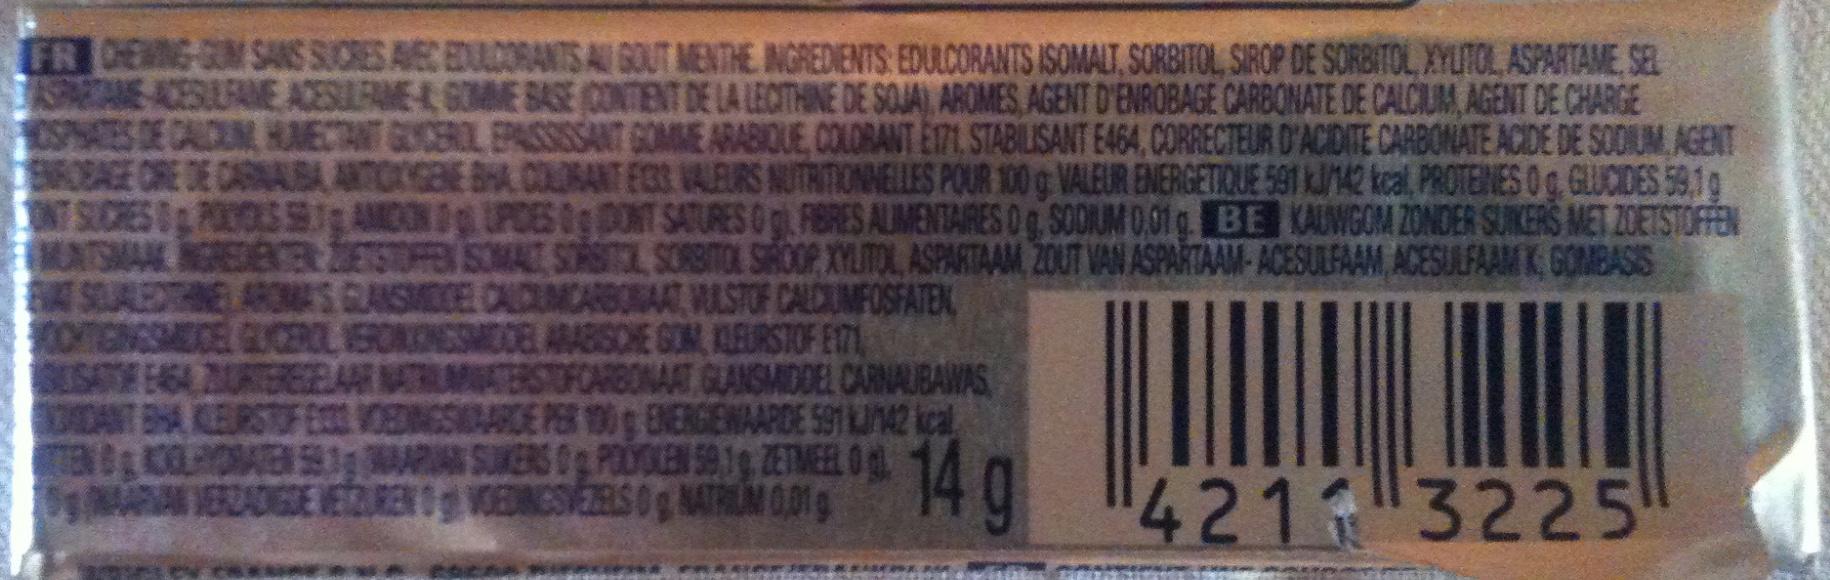 Etui de 10 Dragées White Menthe Verte - Ingredients - fr